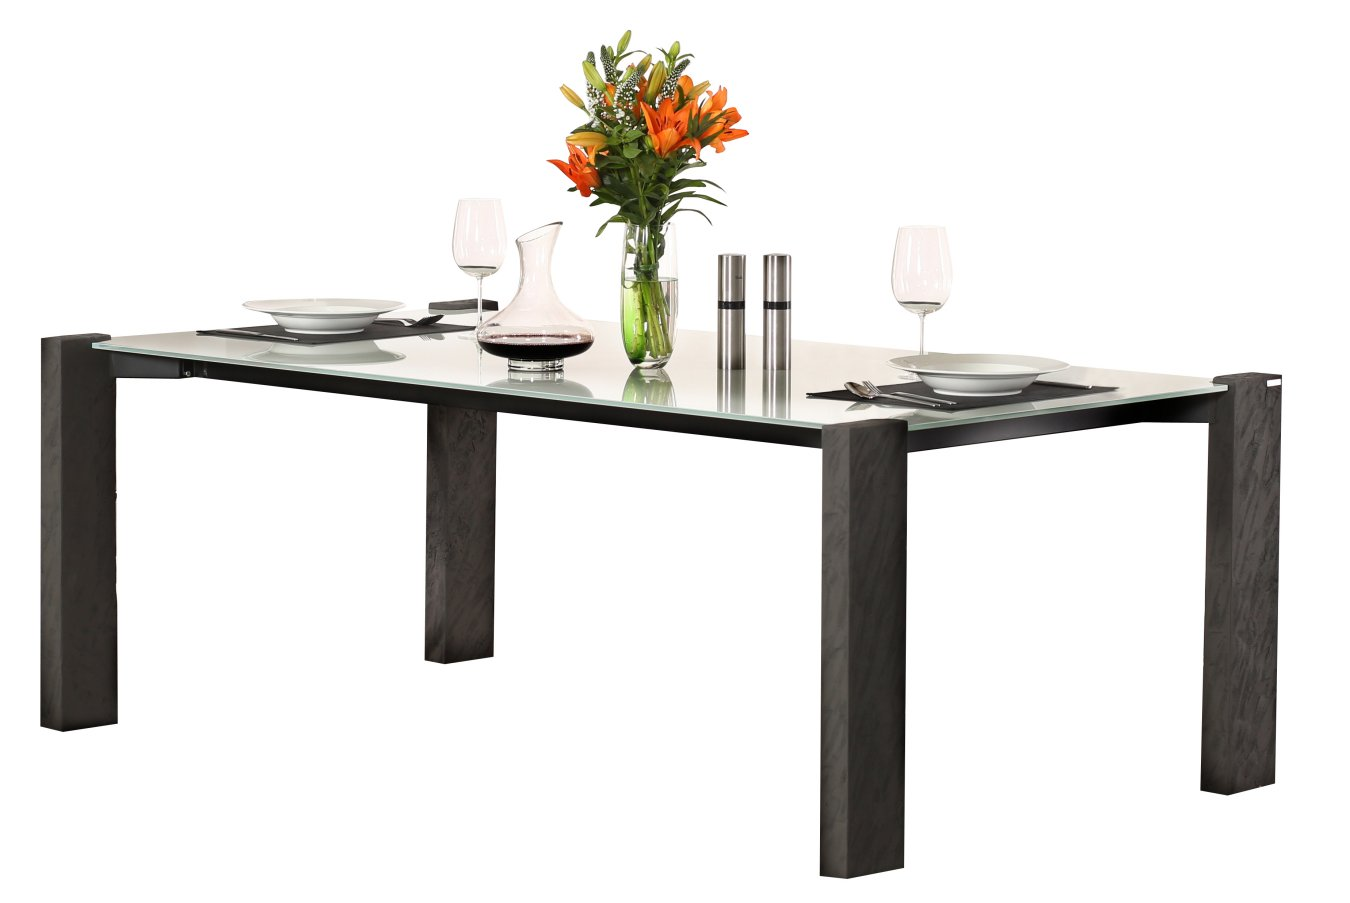 Moderner design esstisch mit wei er glastischplatte und for Pokerstars tisch design